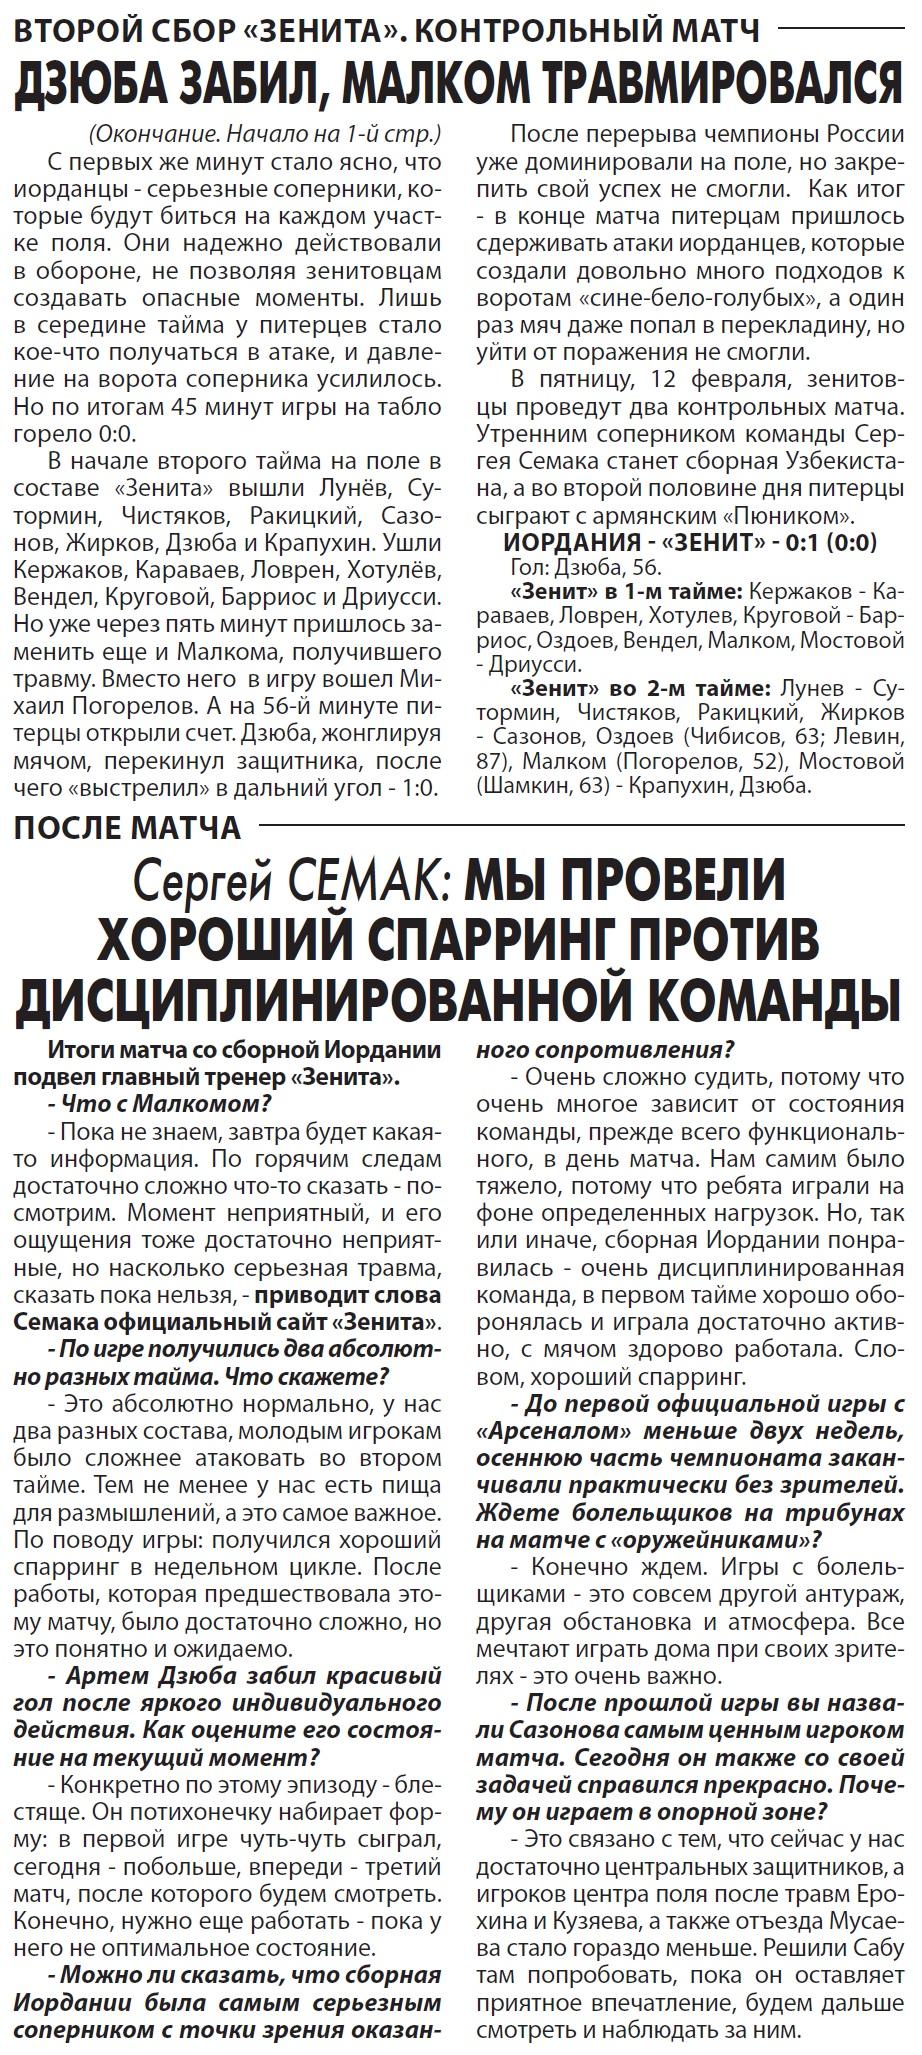 Зенит (Санкт-Петербург) - Сборная Иордании 1:0